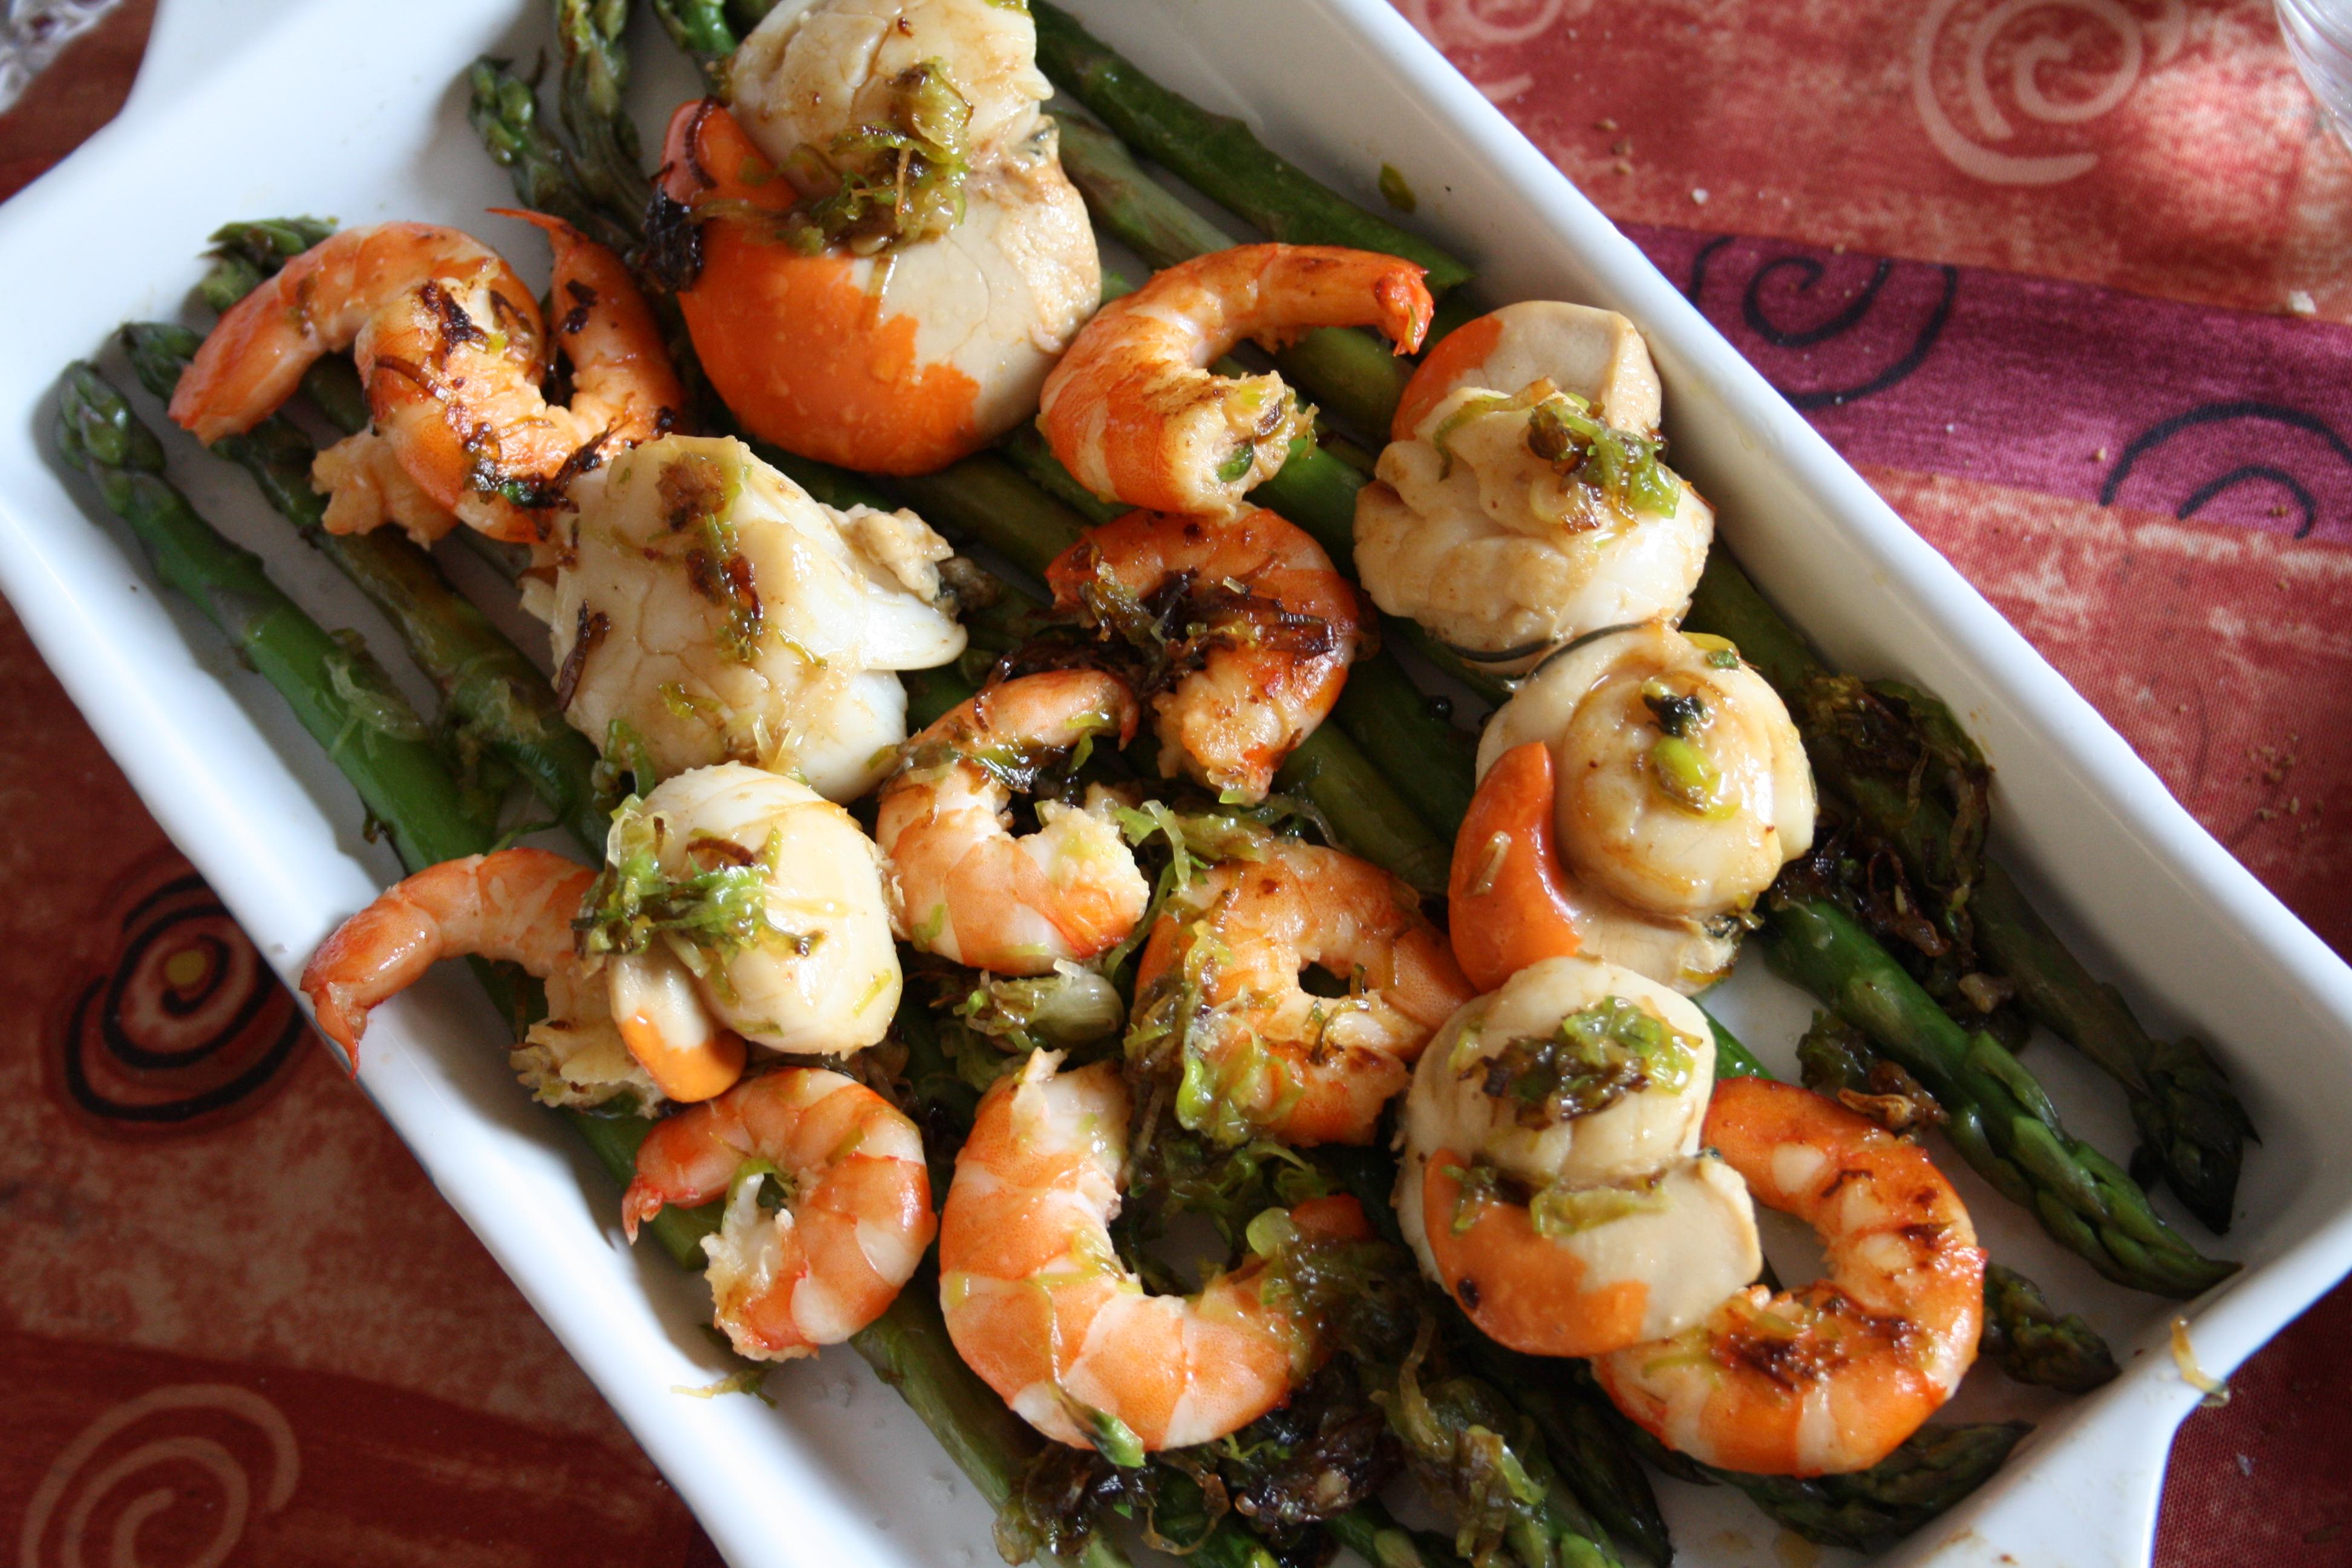 Coquilles st jacques et crevettes sur lit d asperges blog de cuisine de l 39 amap belles - Coquilles st jacques sur lit de poireaux ...